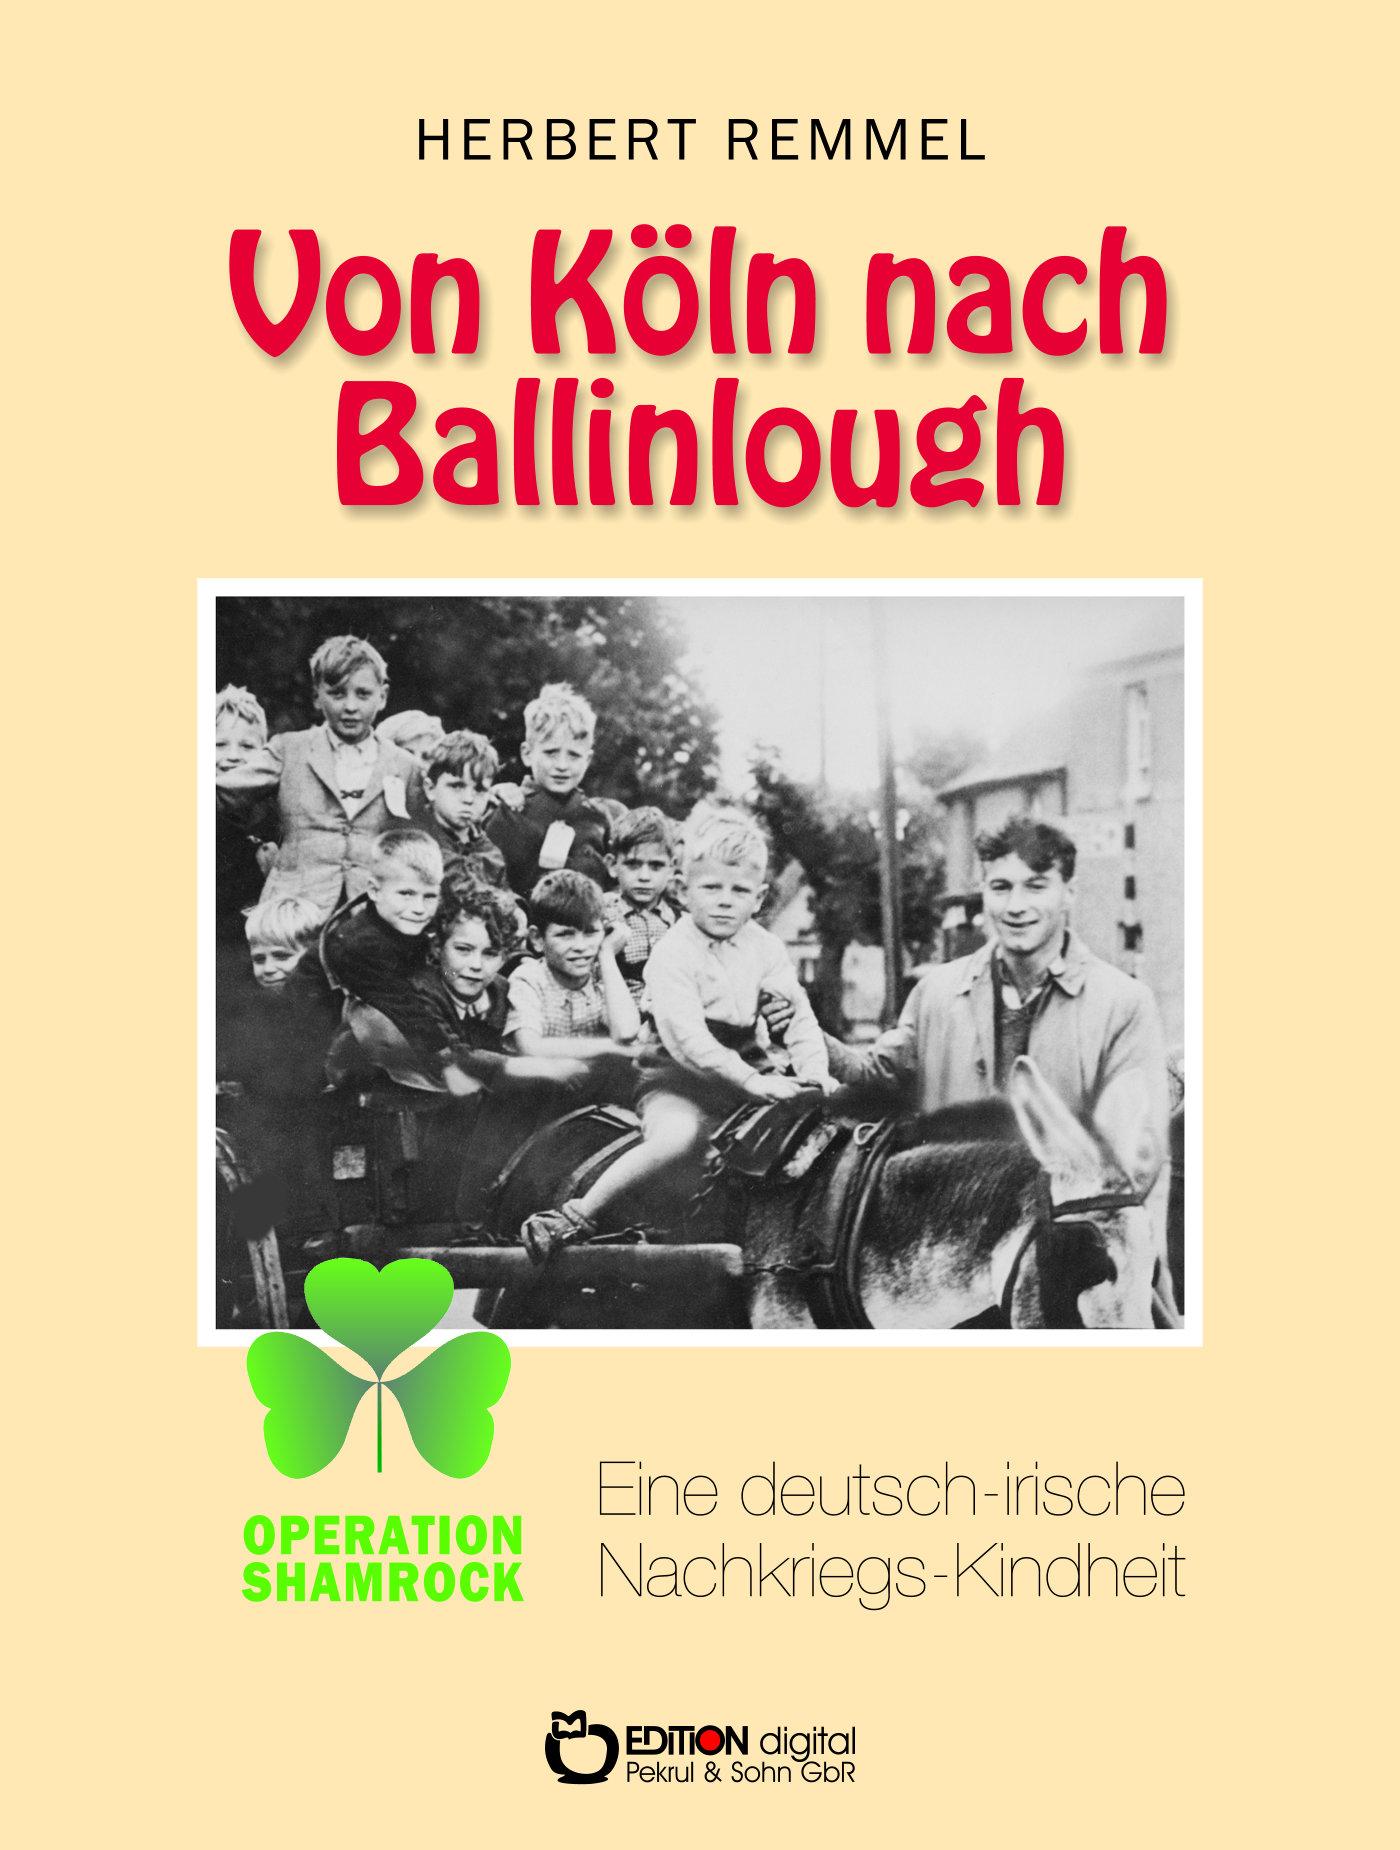 Von Köln nach Ballinlough. Eine deutsch-irische Nachkriegskindheit von Herbert Remmel